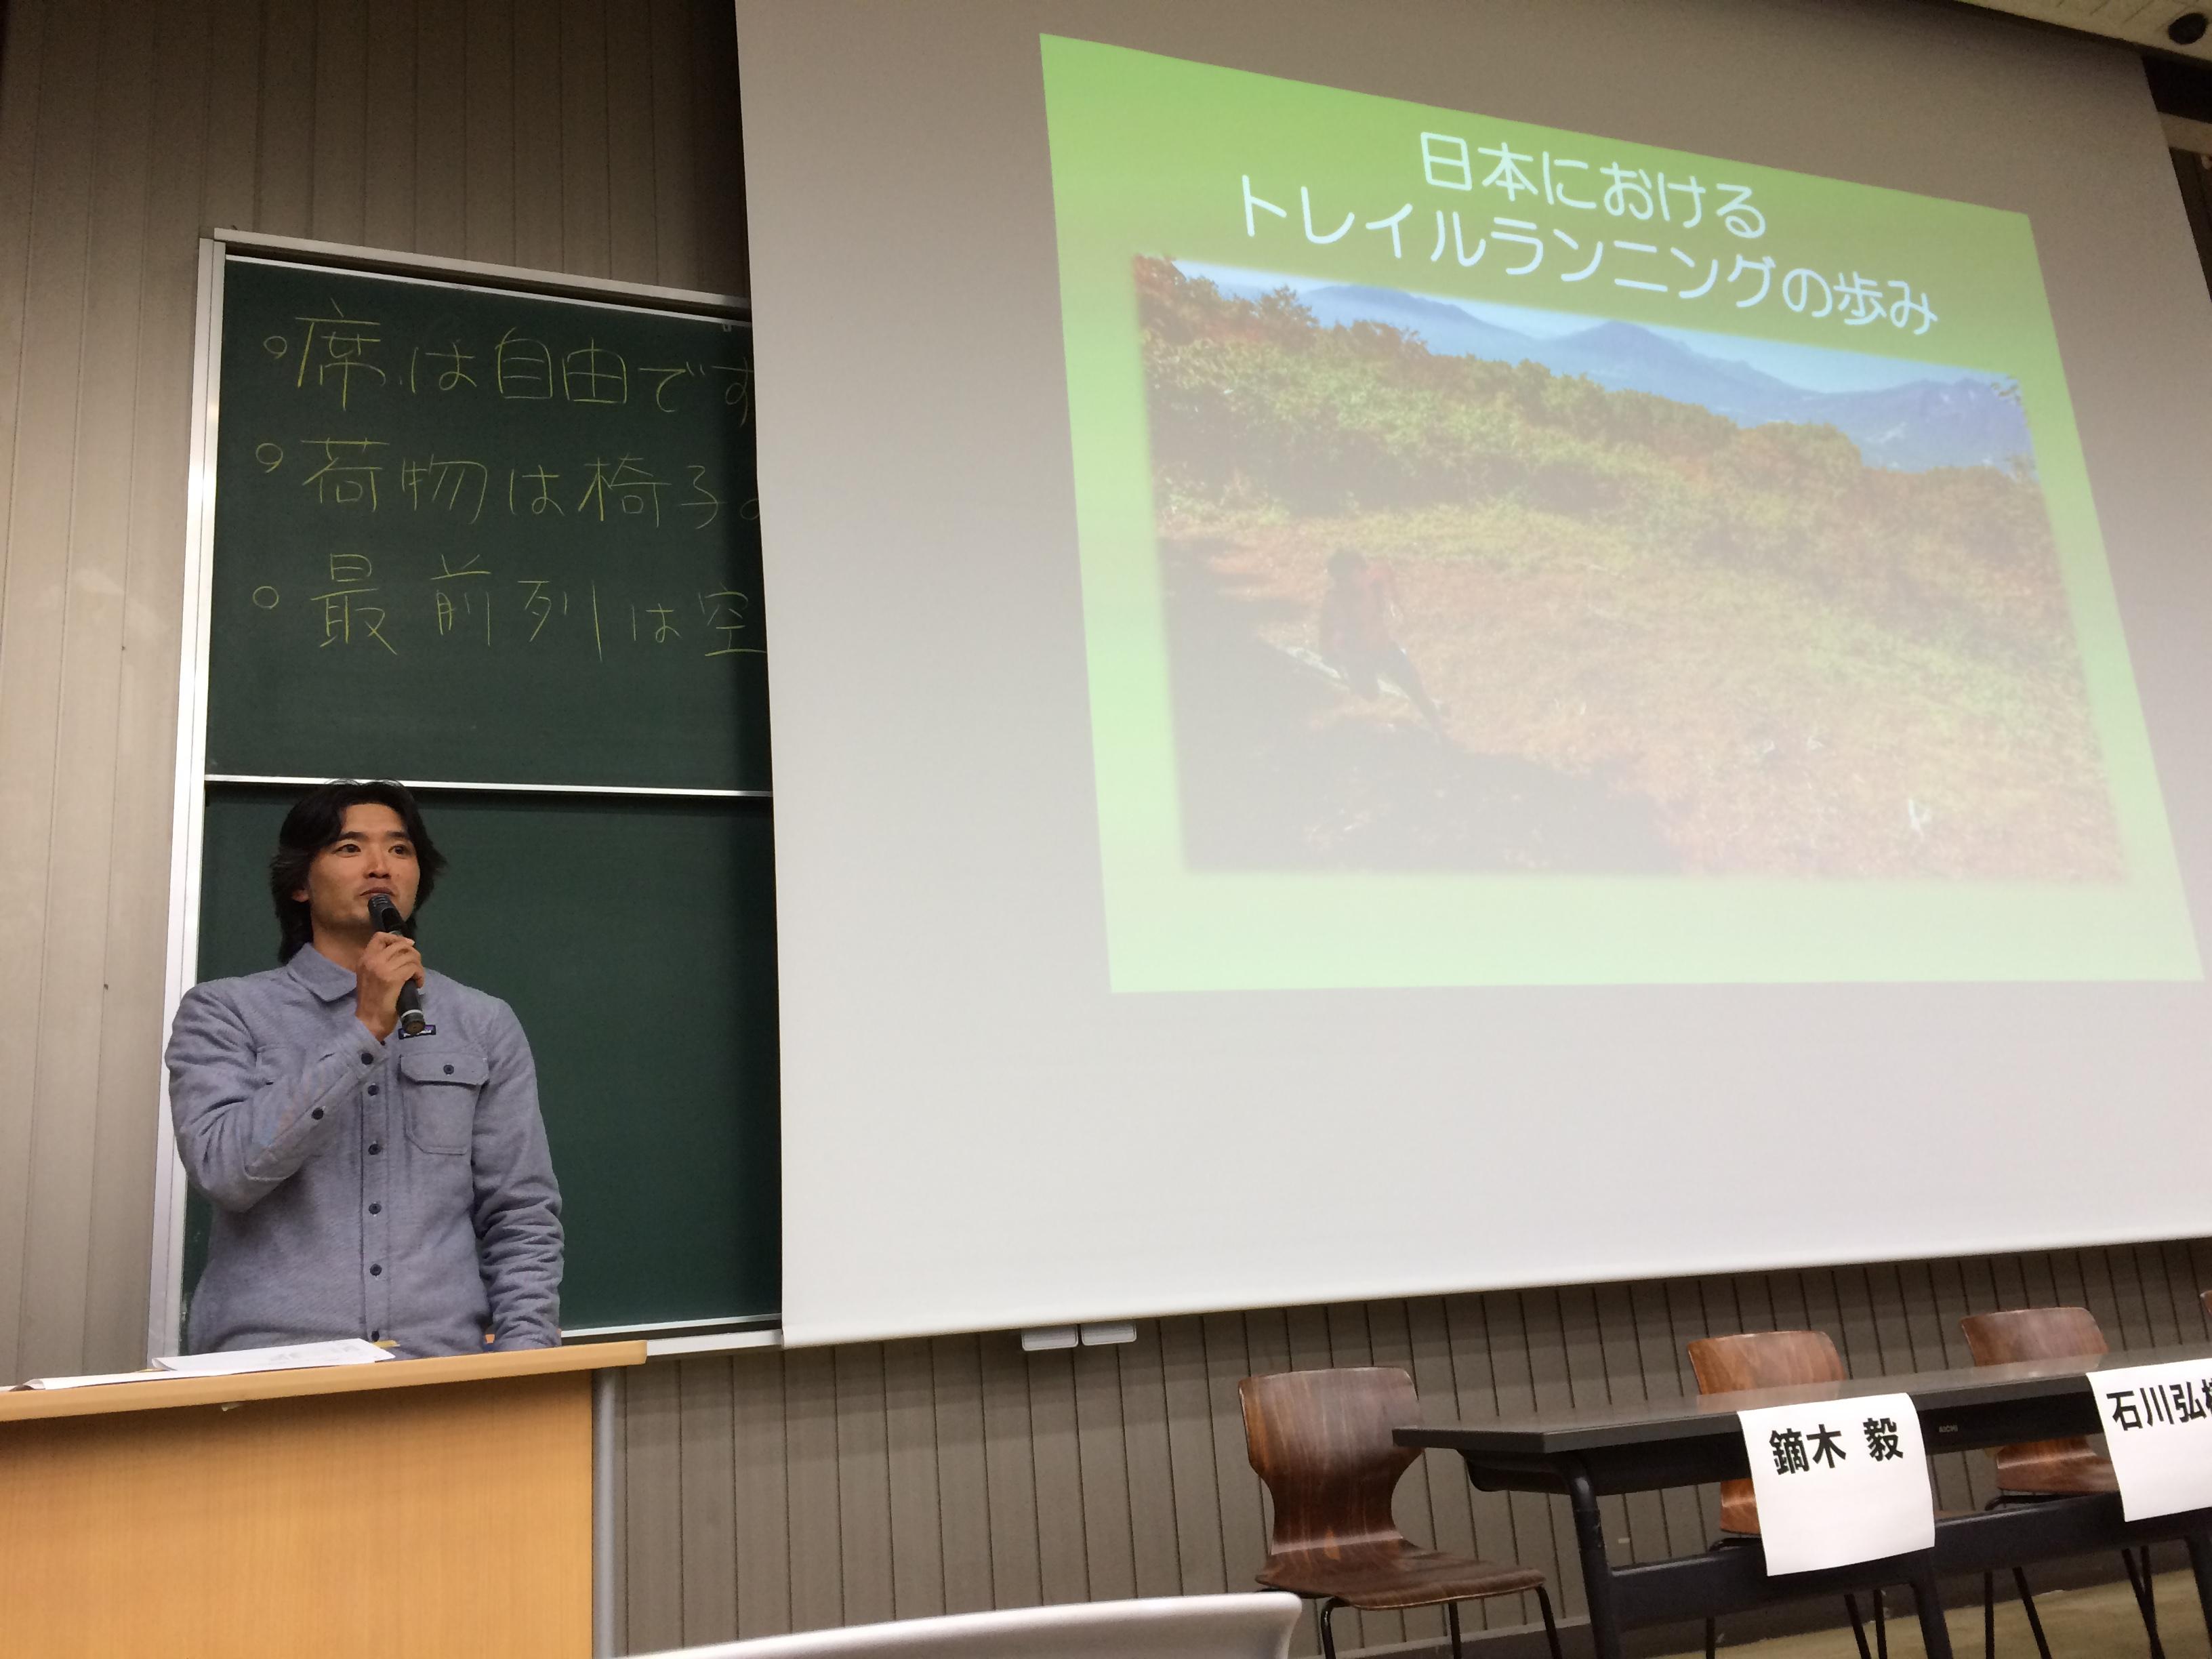 石川弘樹さんスピーチ